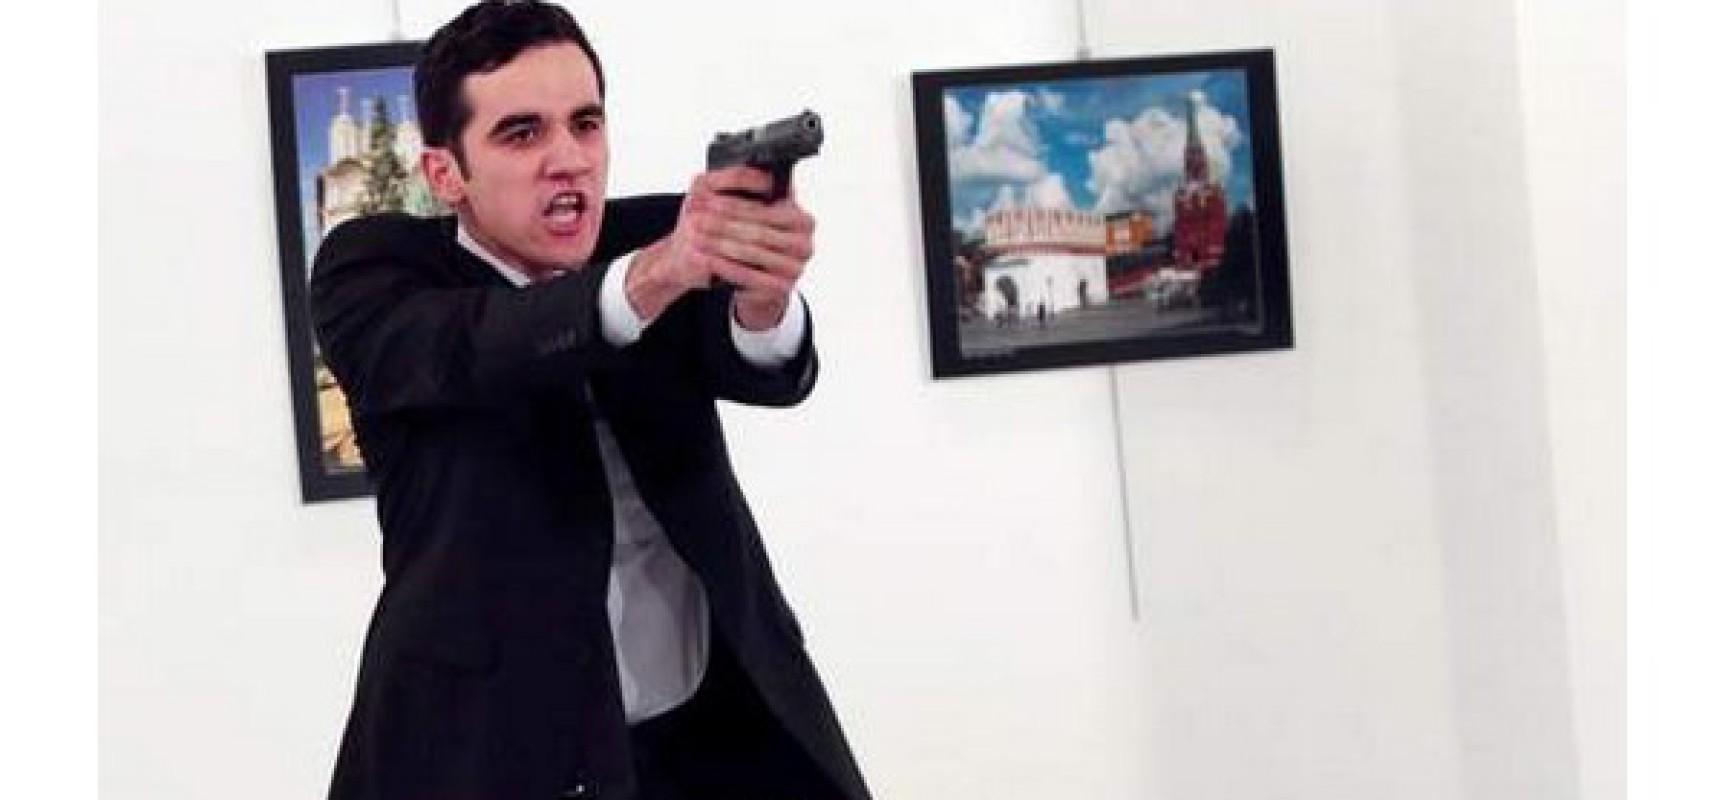 L'assassin de l'Ambassadeur russe à Ankara était affilié à l'organisation terroriste Daech